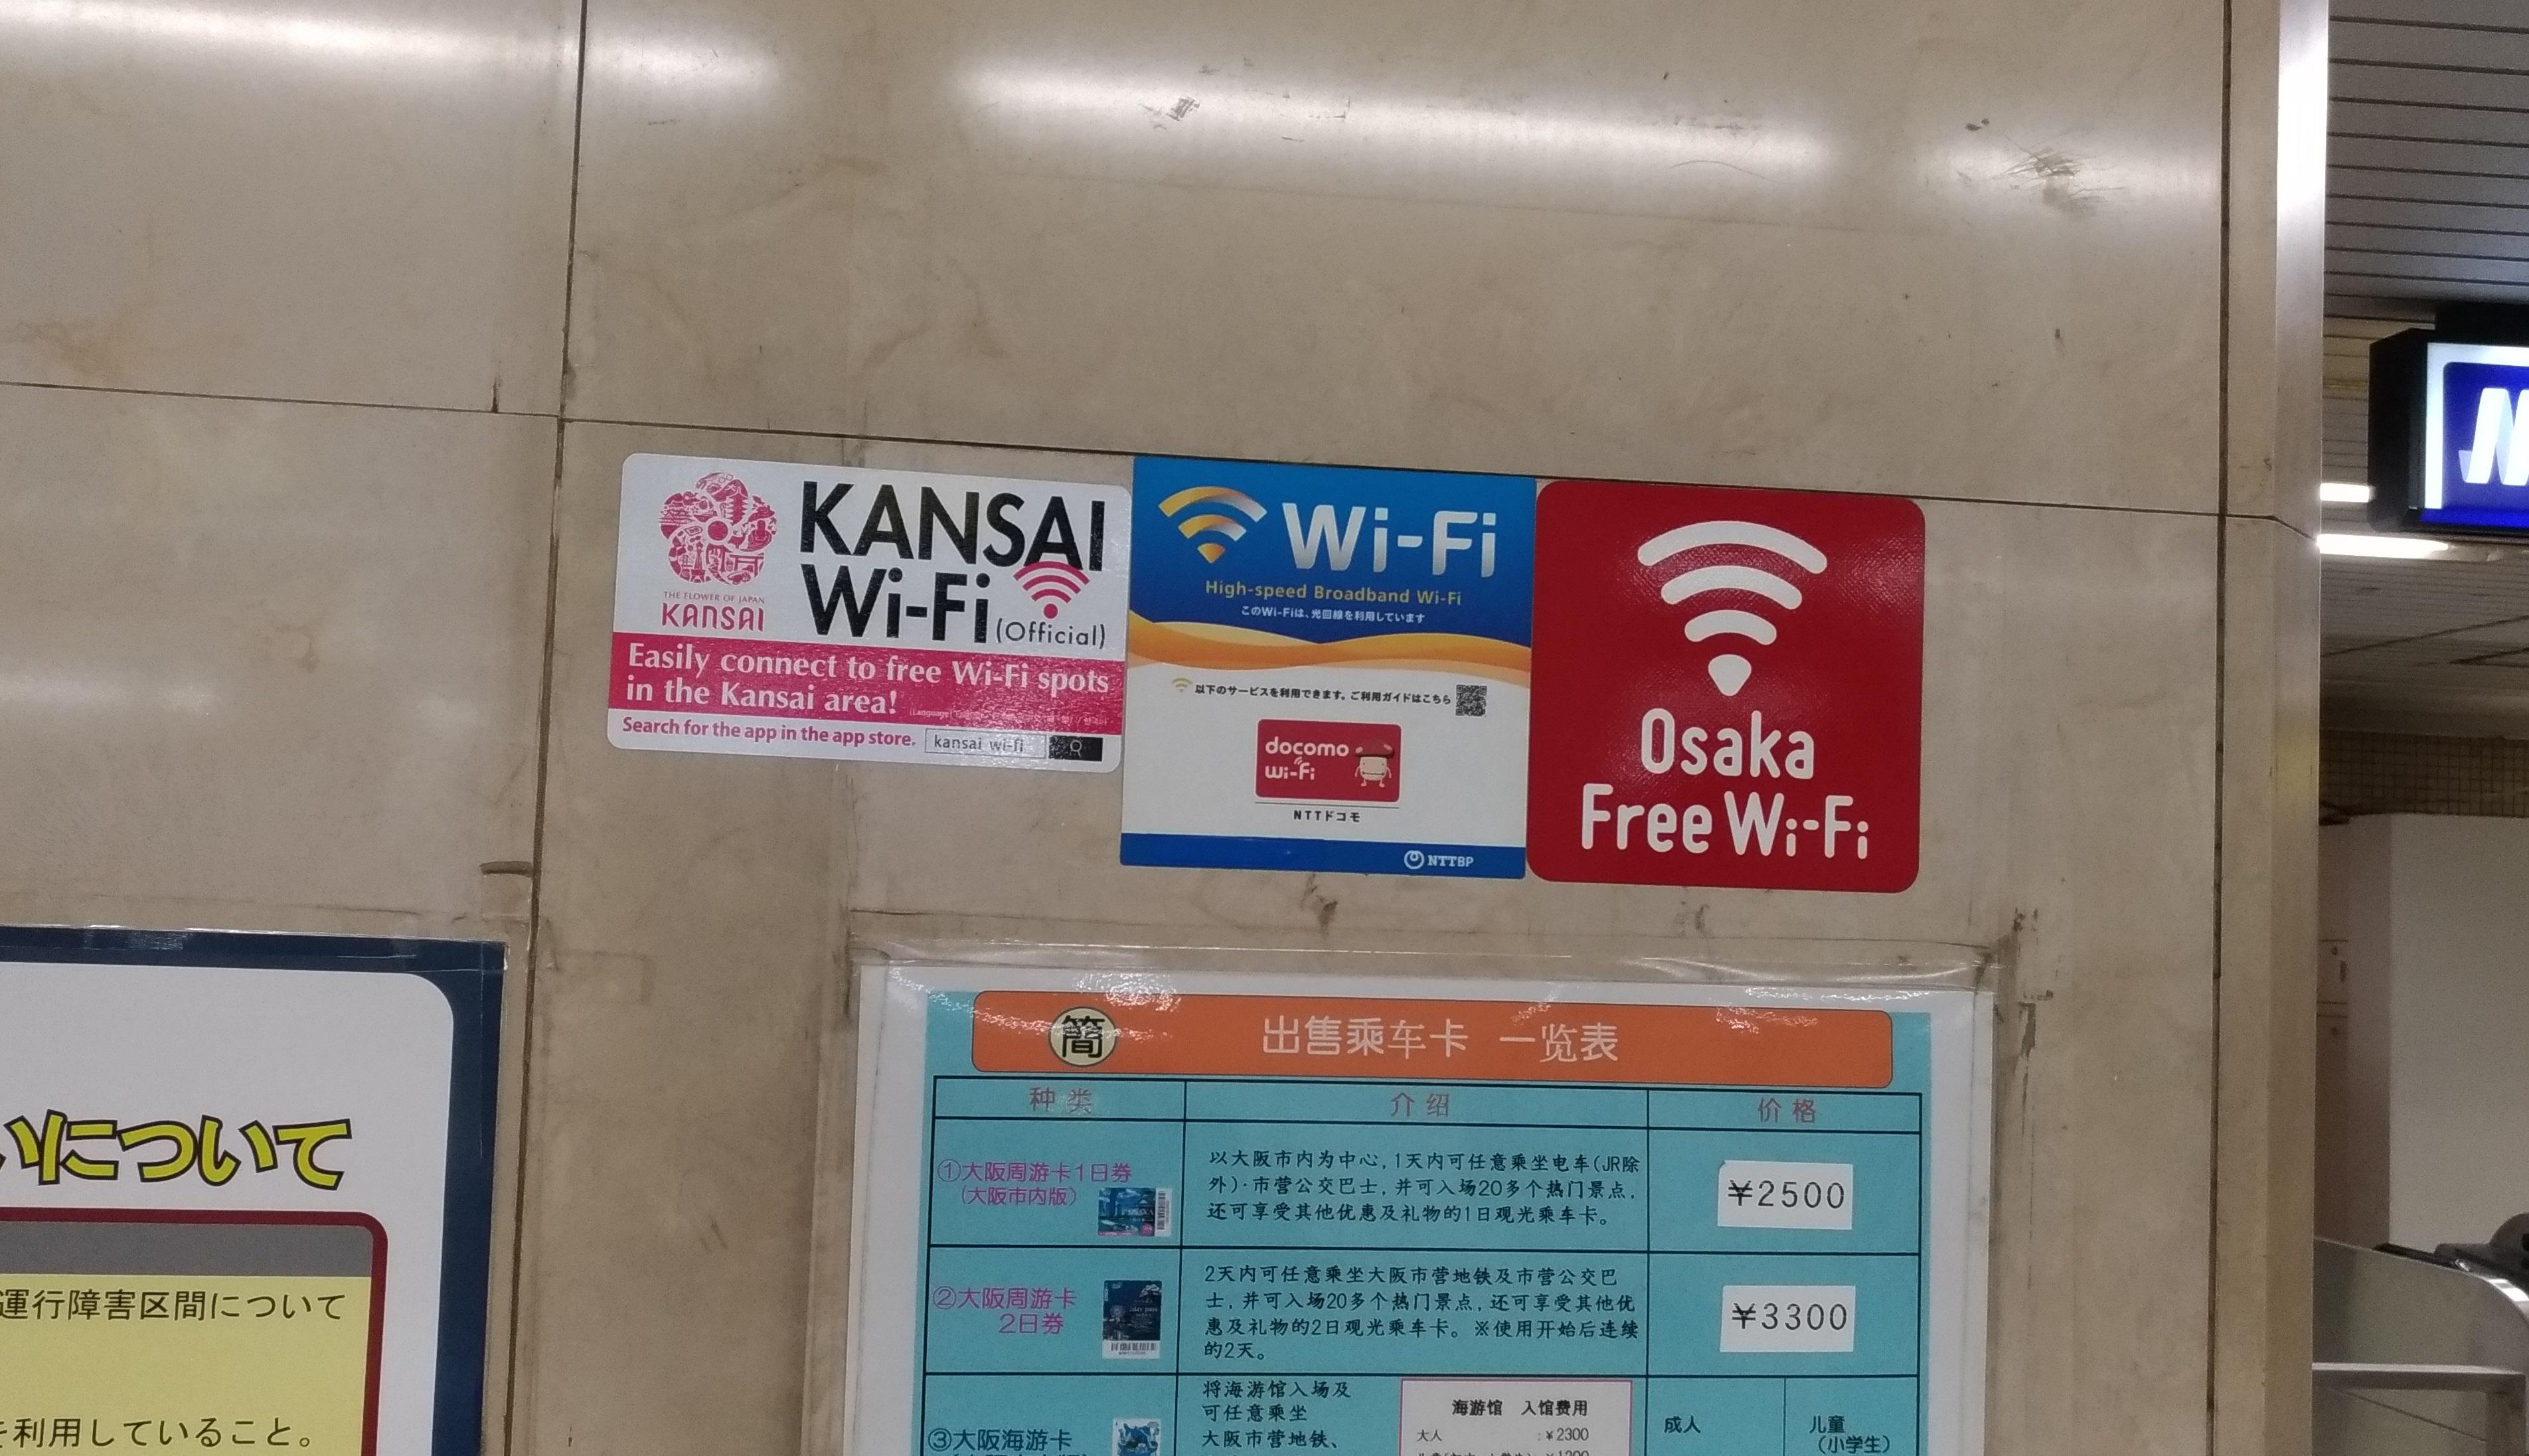 osaka_wifi_free_sumaho_spot1.jpg